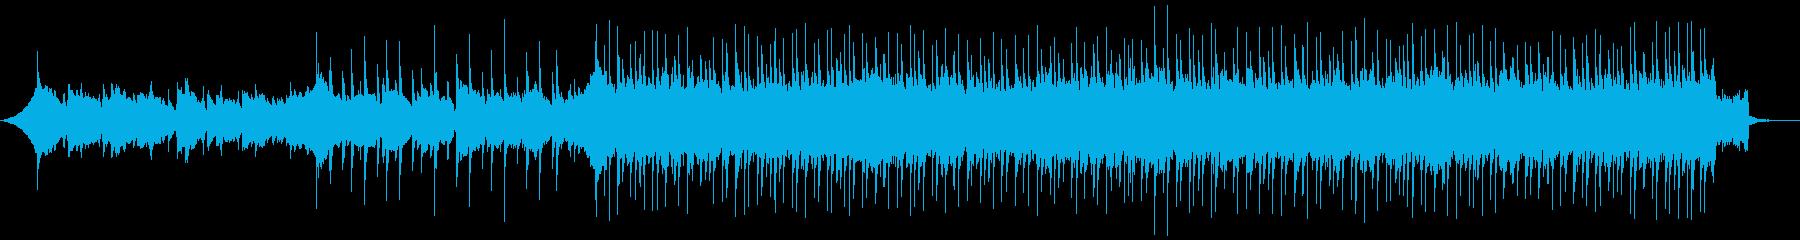 VP系15、疾走・高揚・躍動感、ロックBの再生済みの波形